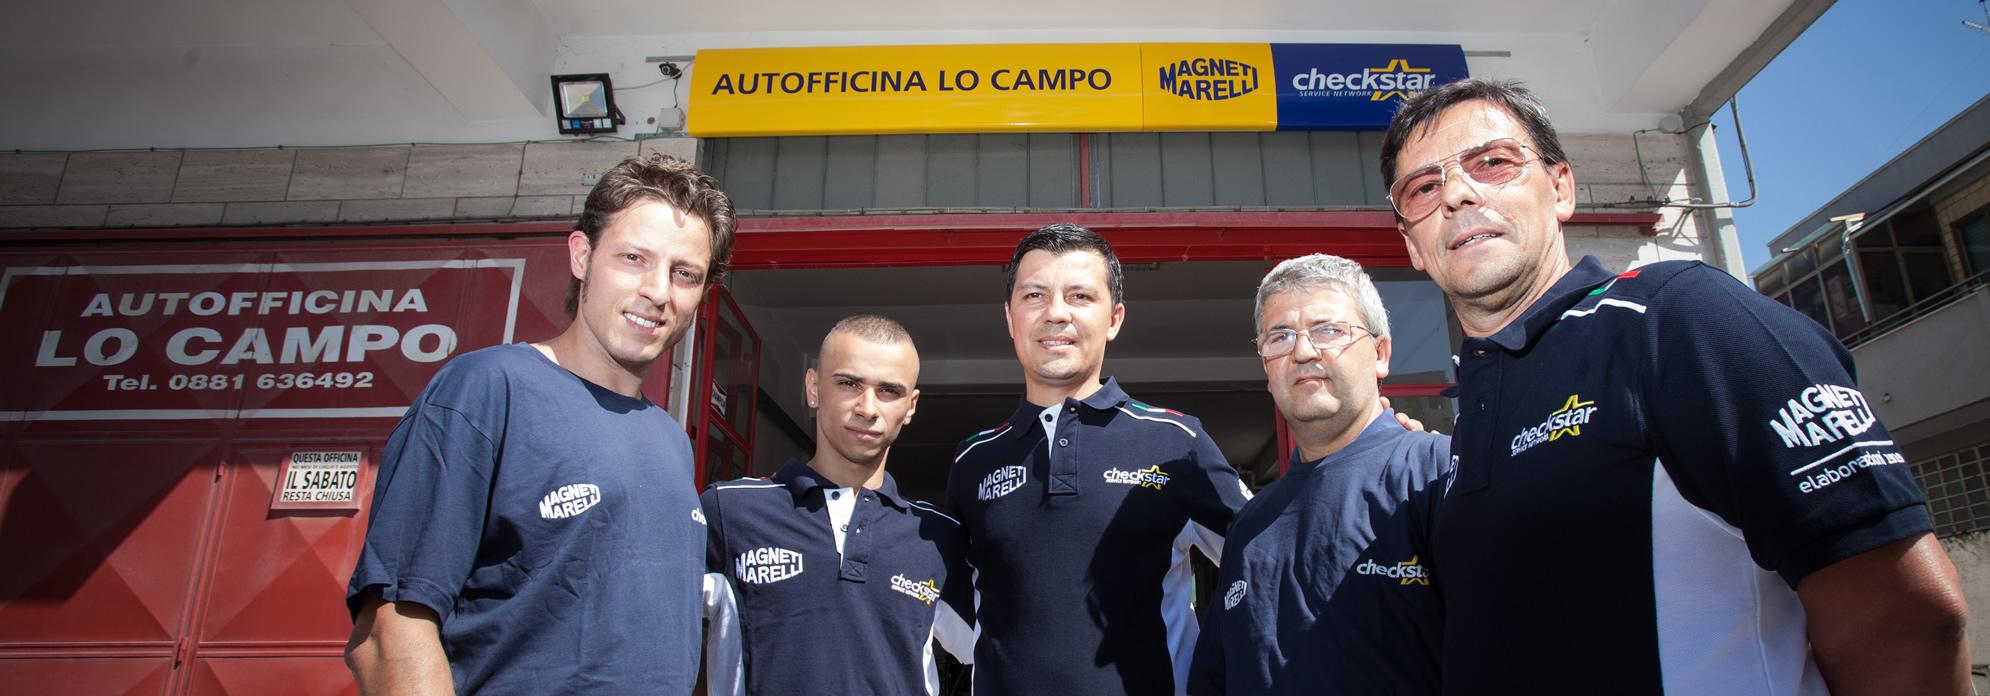 Autofficina Lo Campo